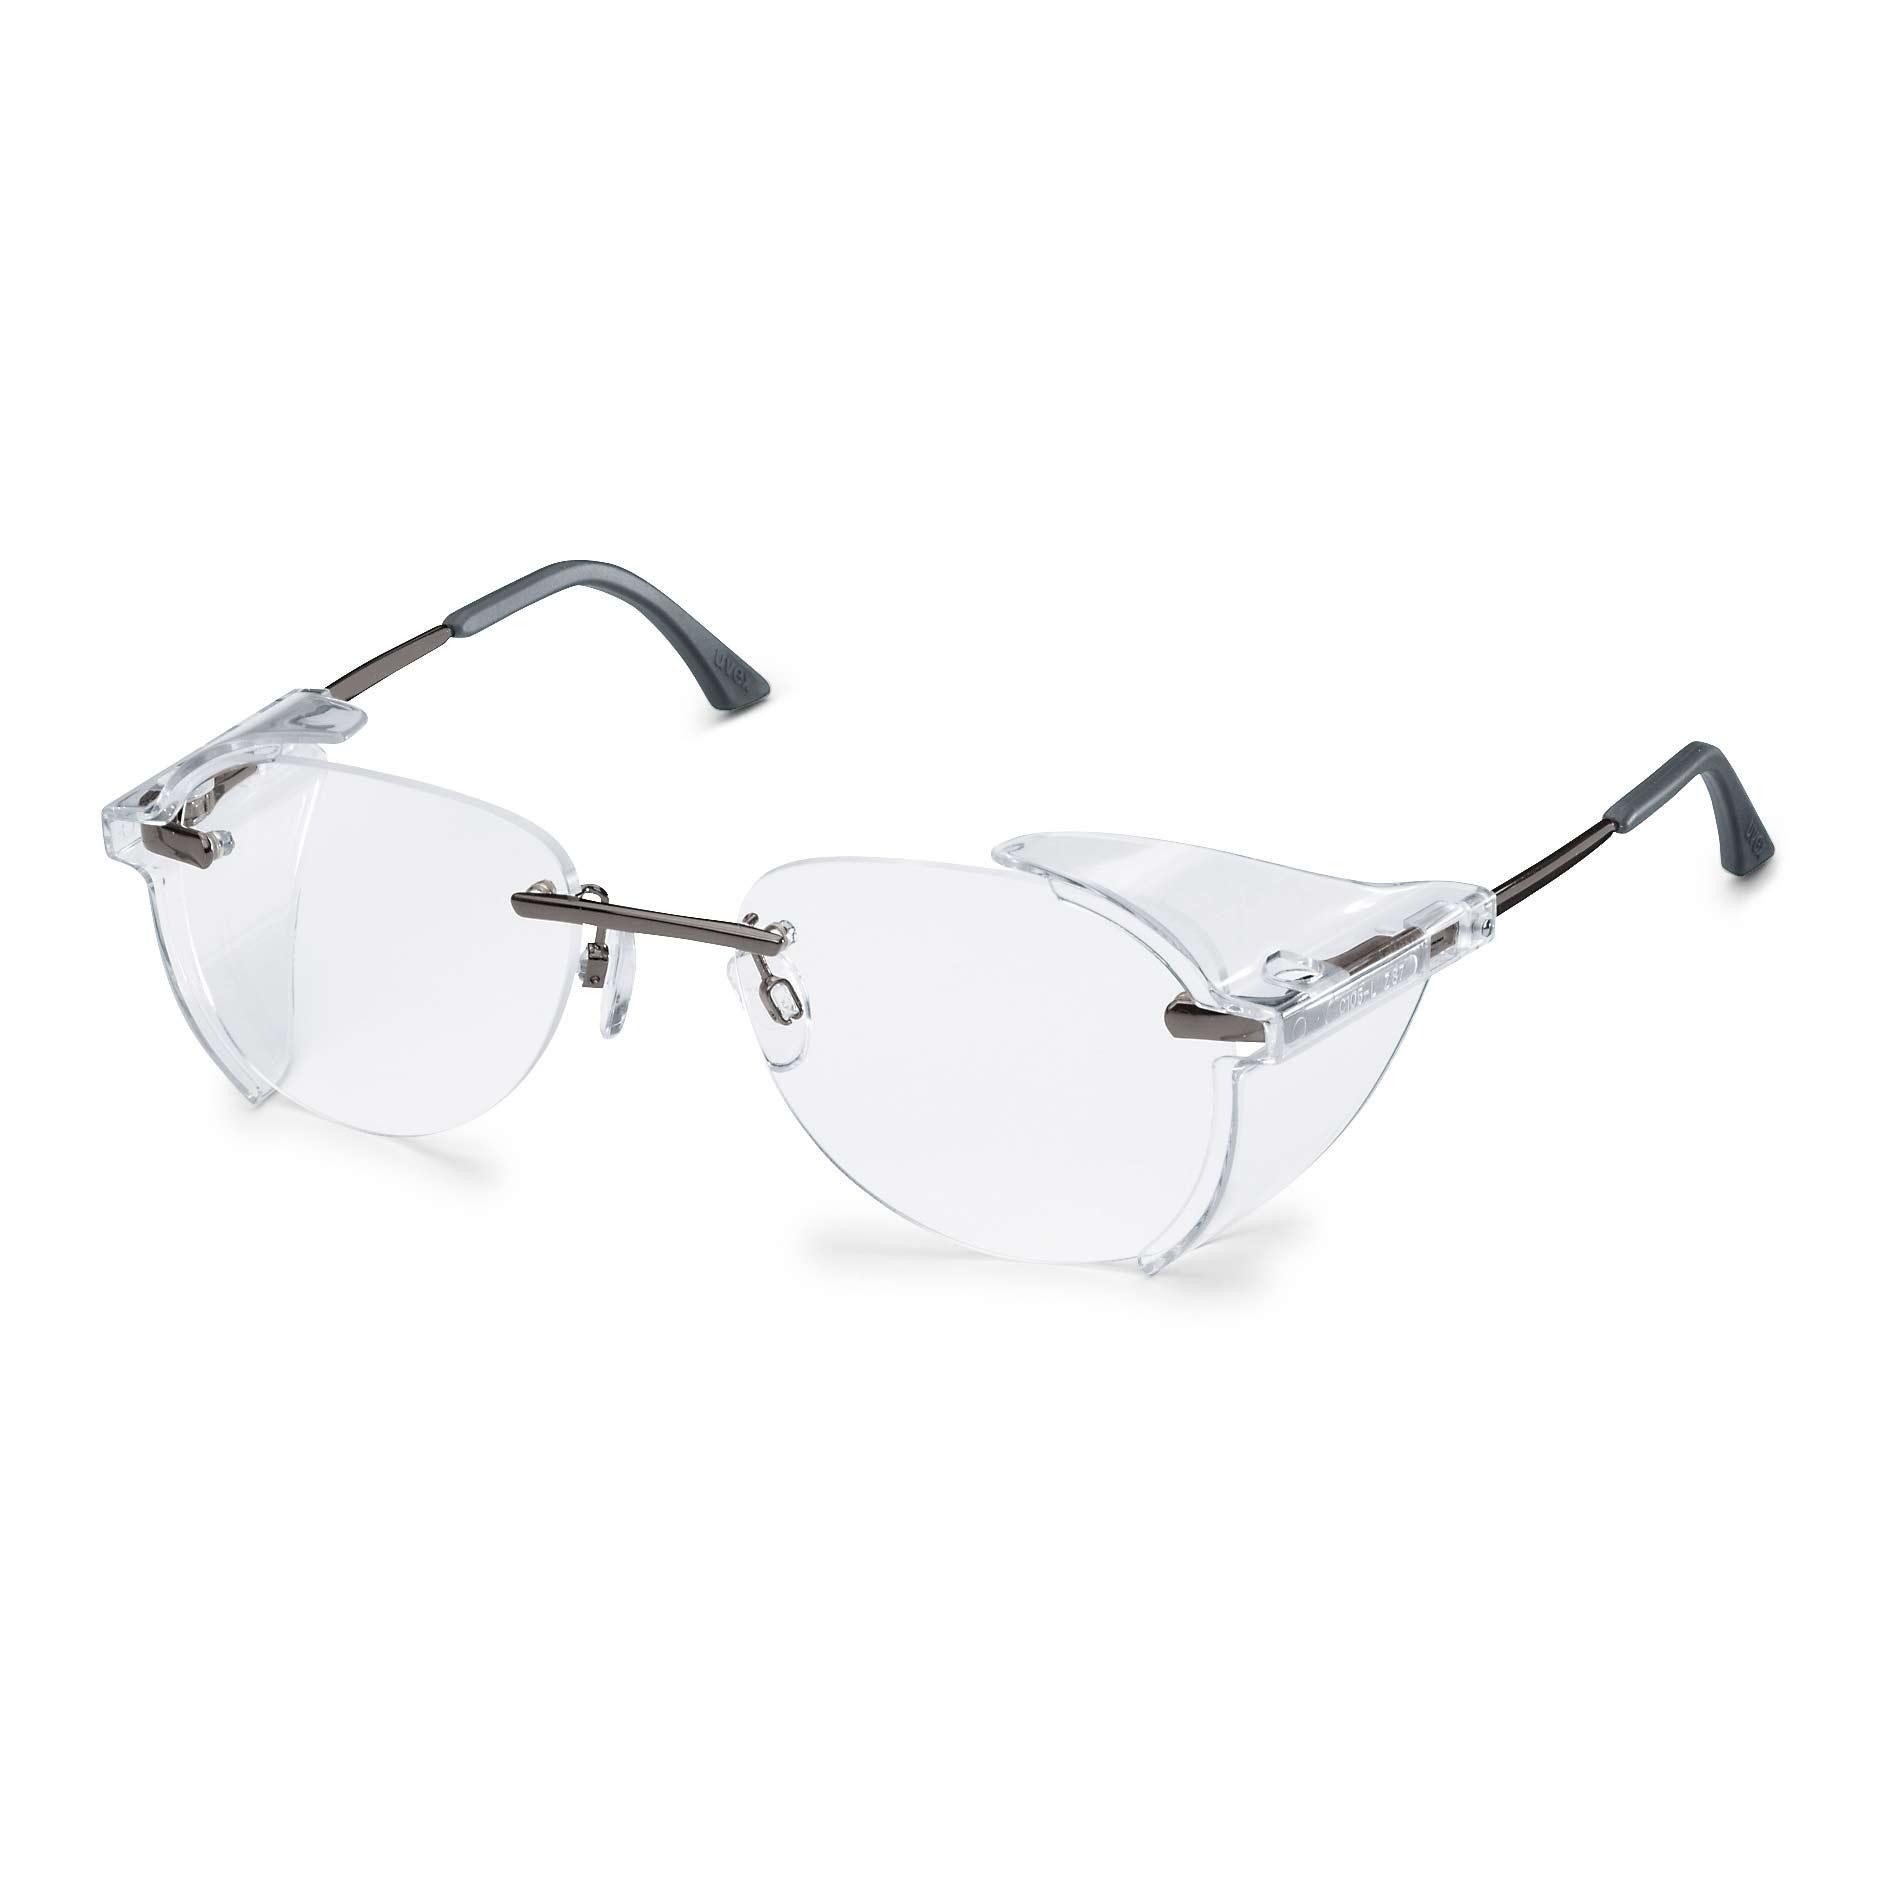 Korrektionsschutzbrille uvex RX gravity zero | Individuelle PSA ...